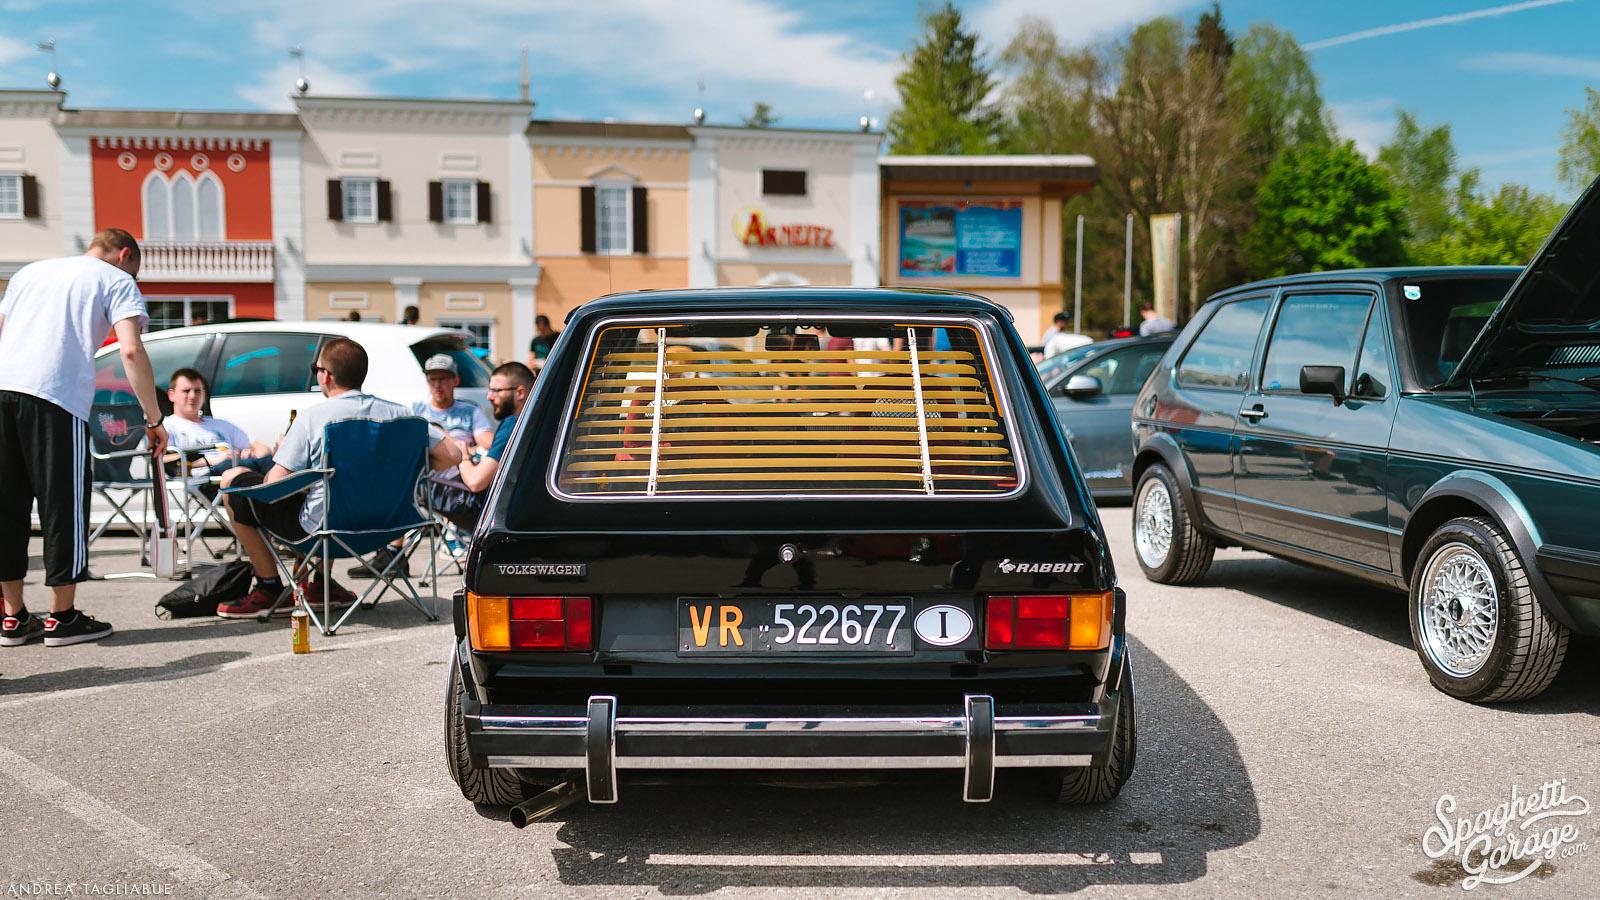 Foto: FTfoto | www.ftfoto.it